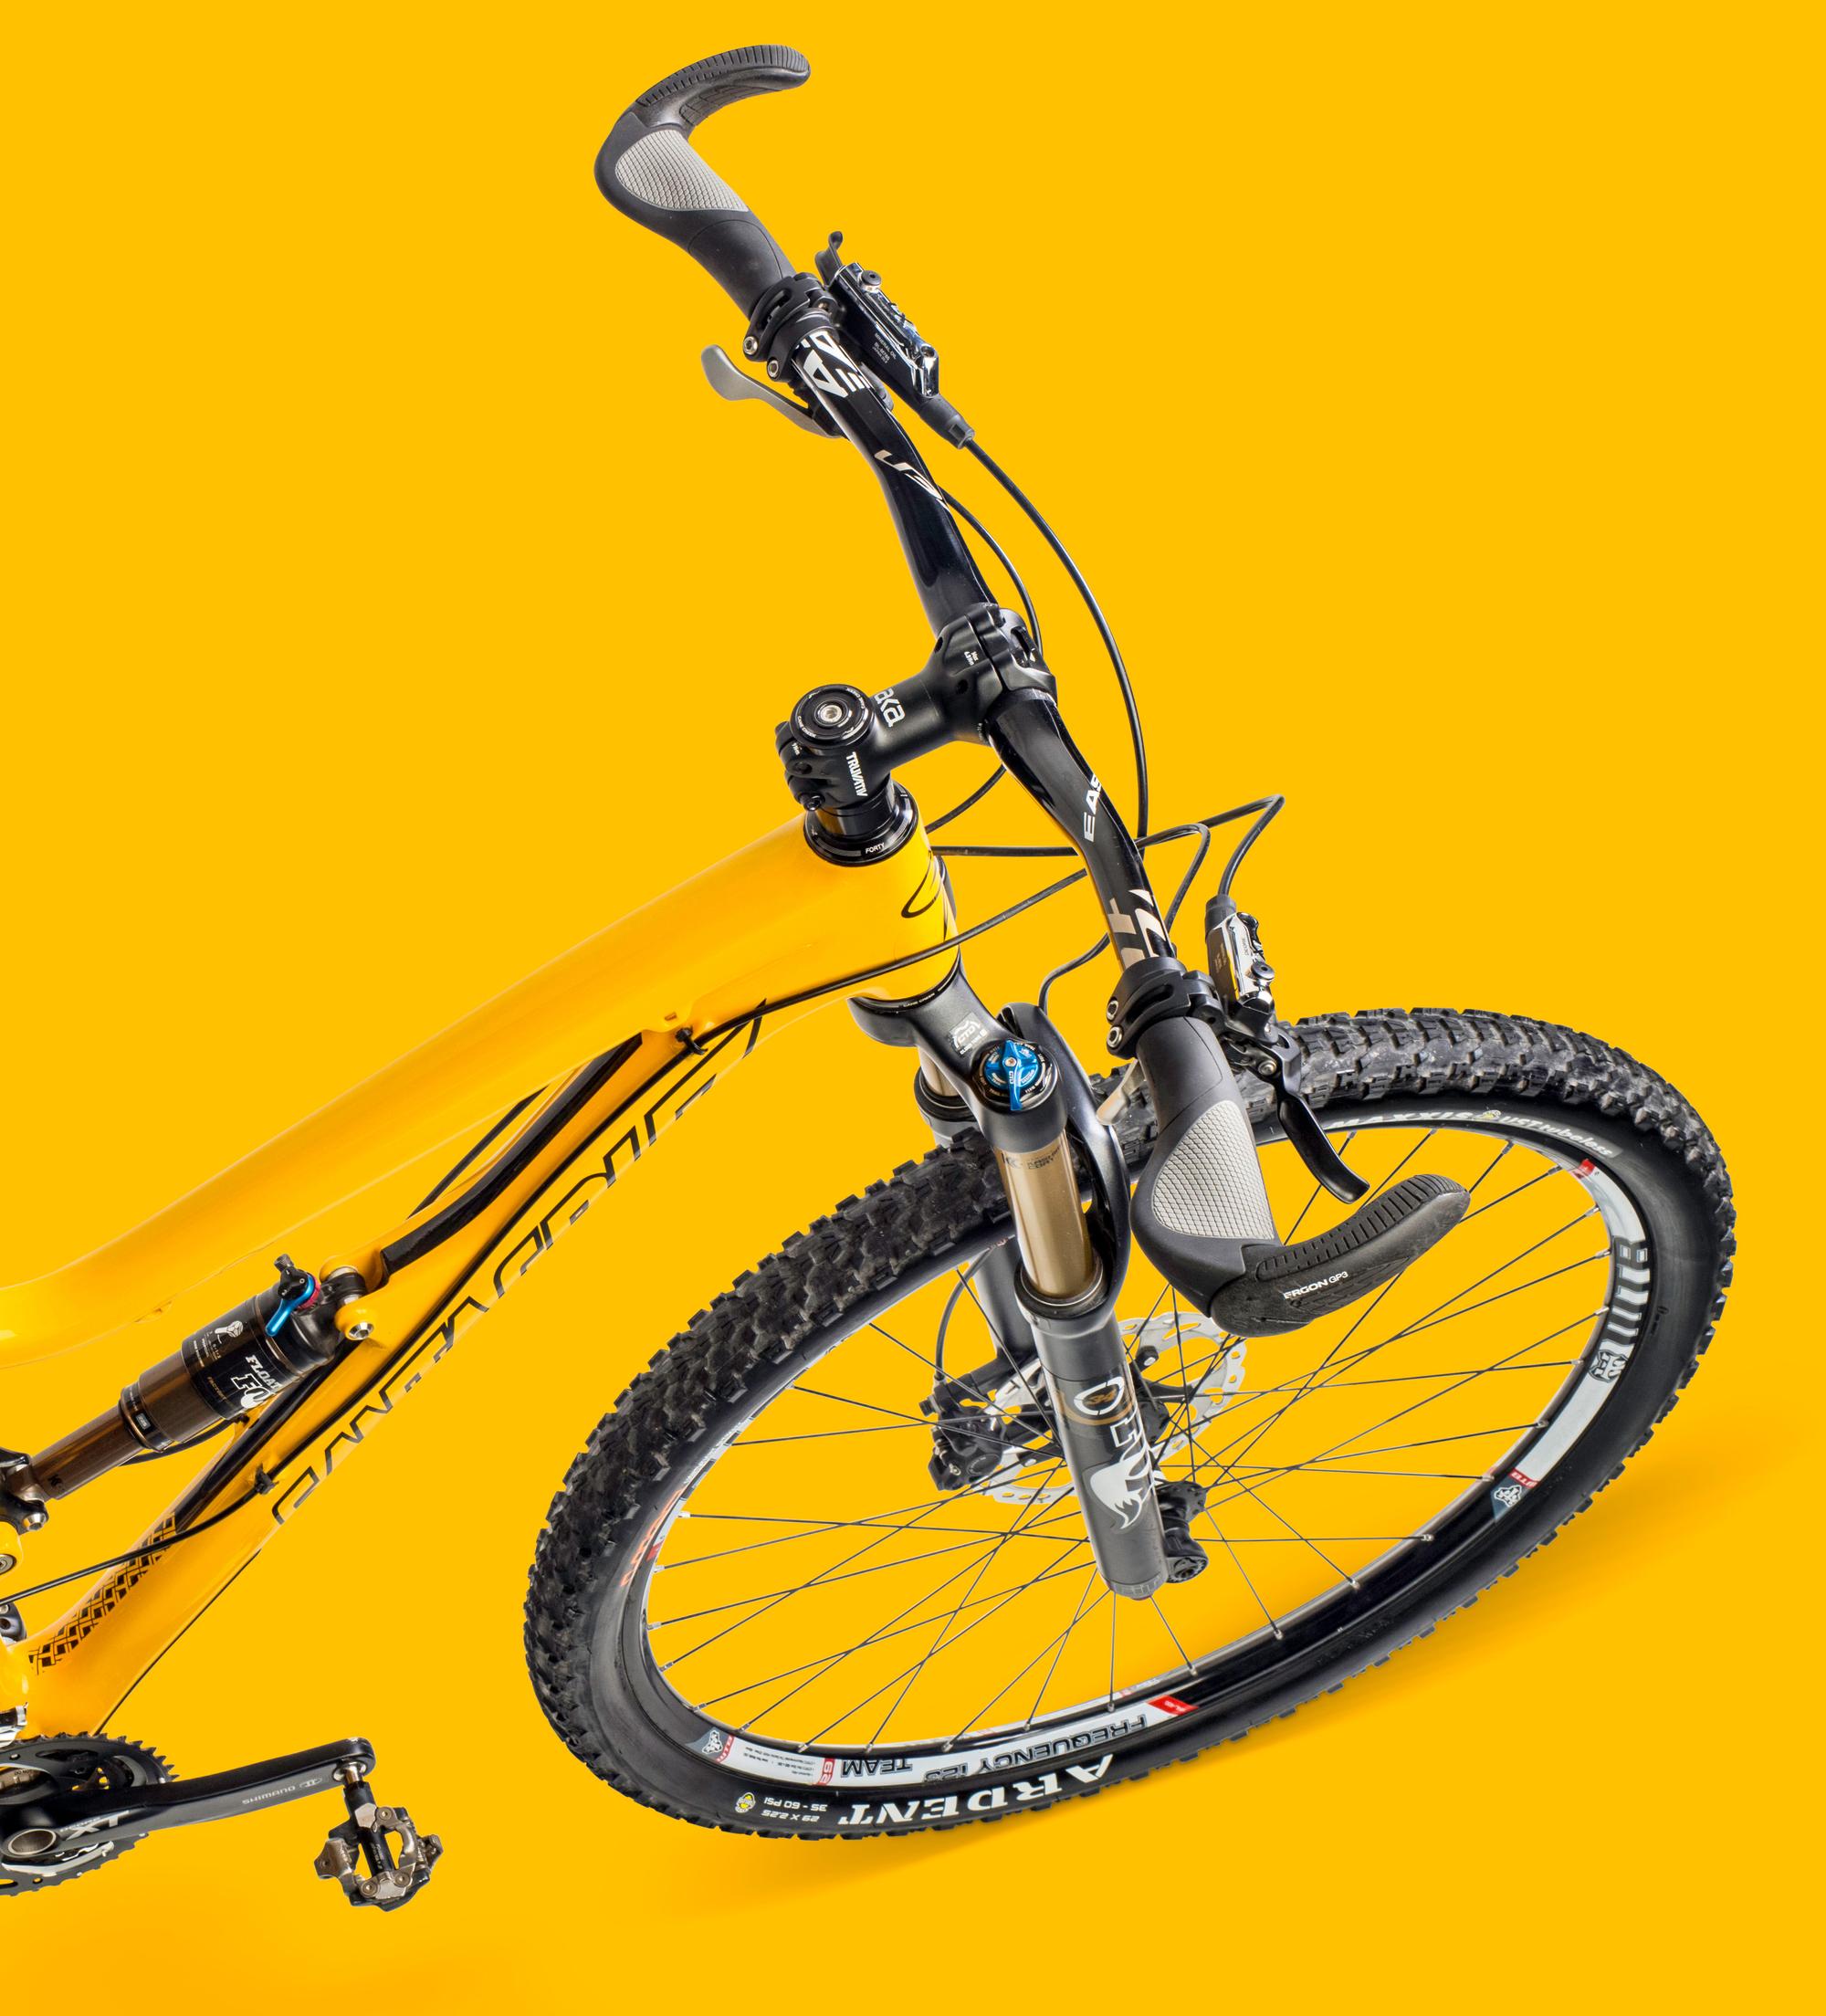 bike-yello-1.jpg